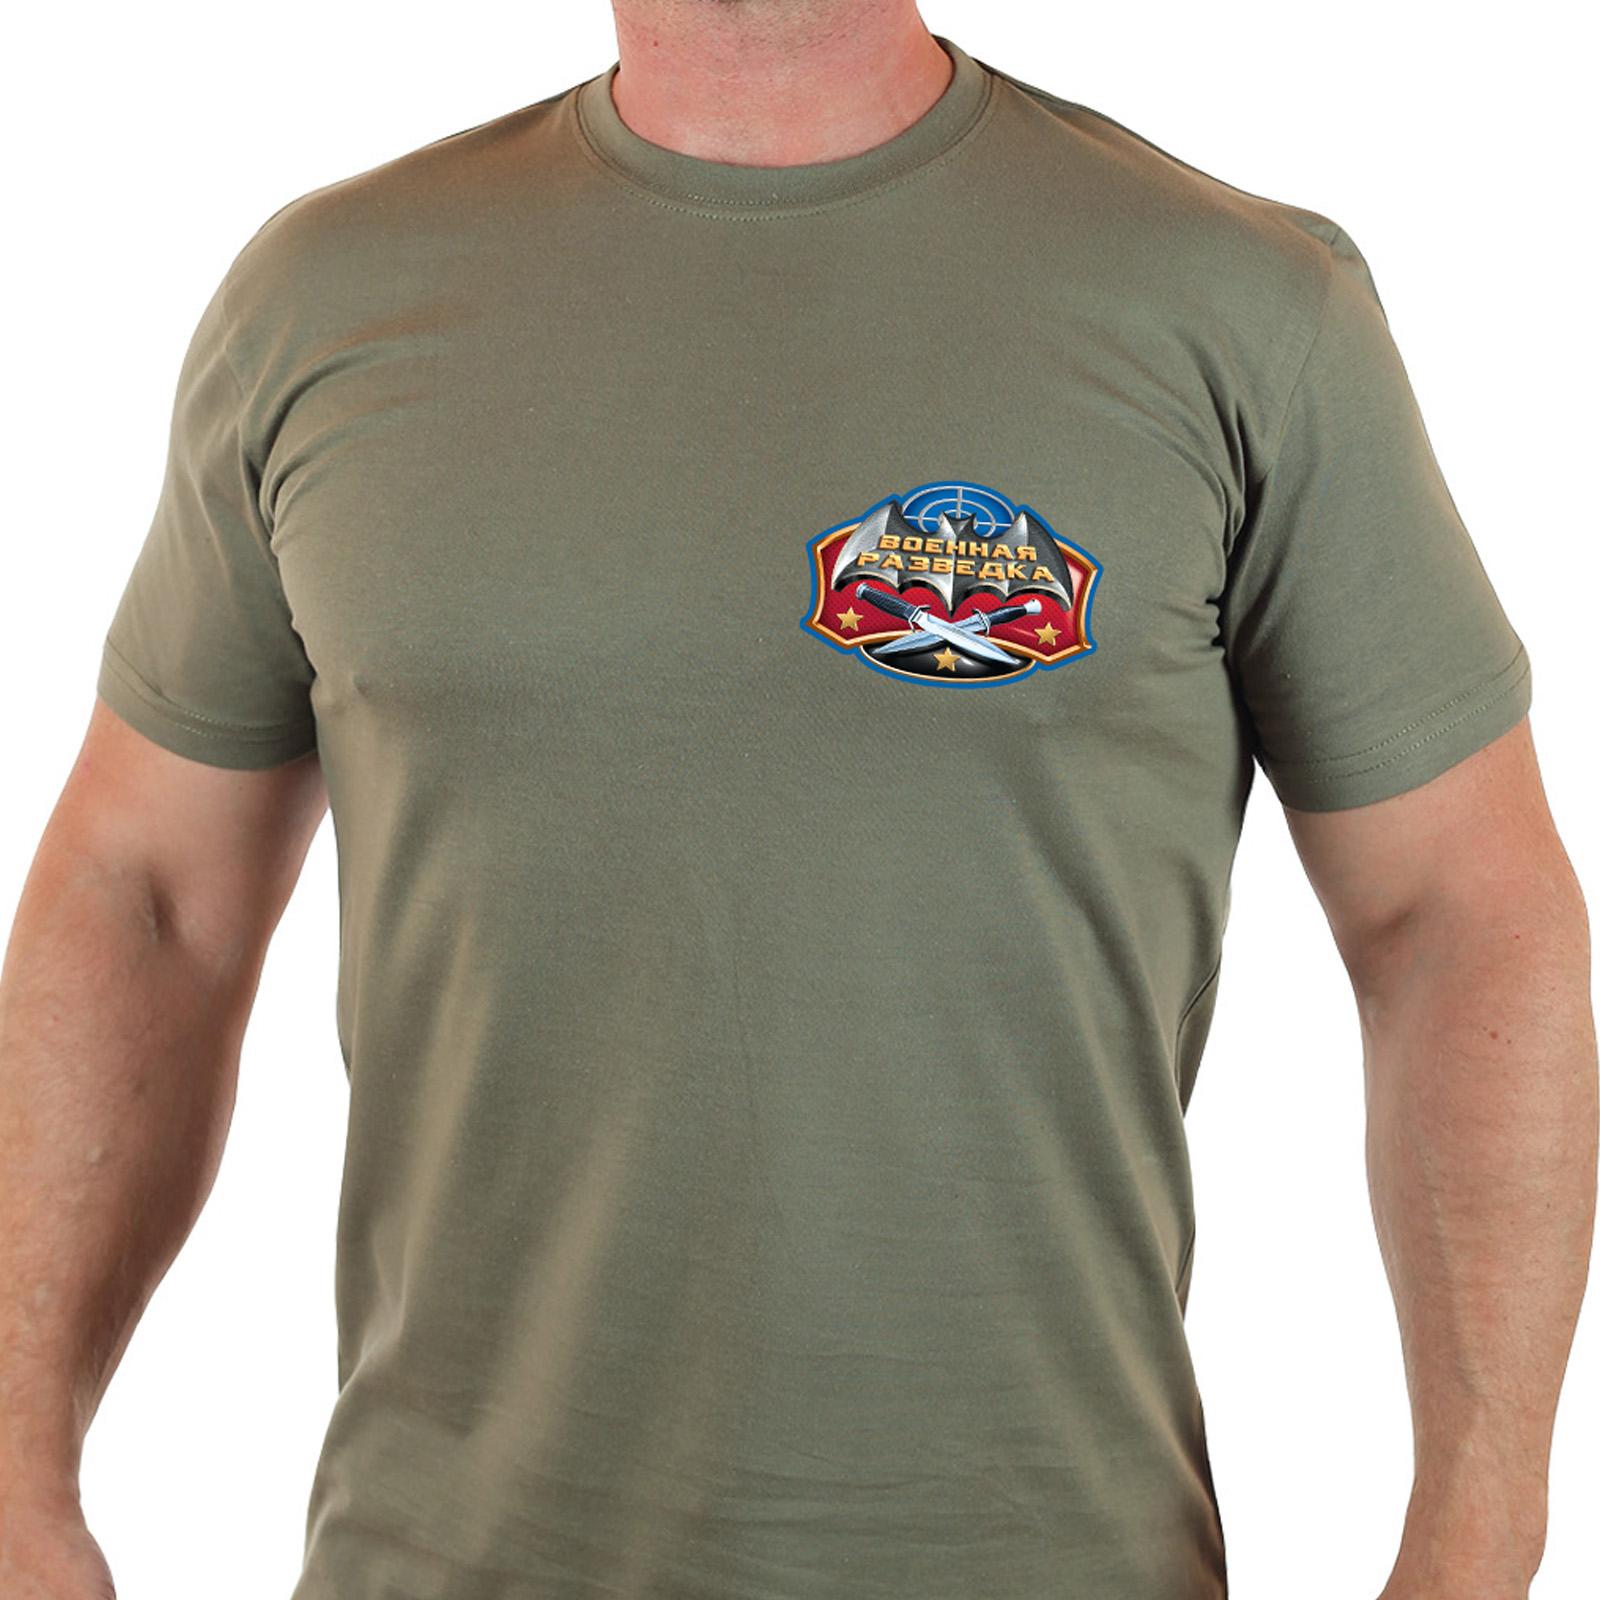 Армейская футболка разведчика с девизом